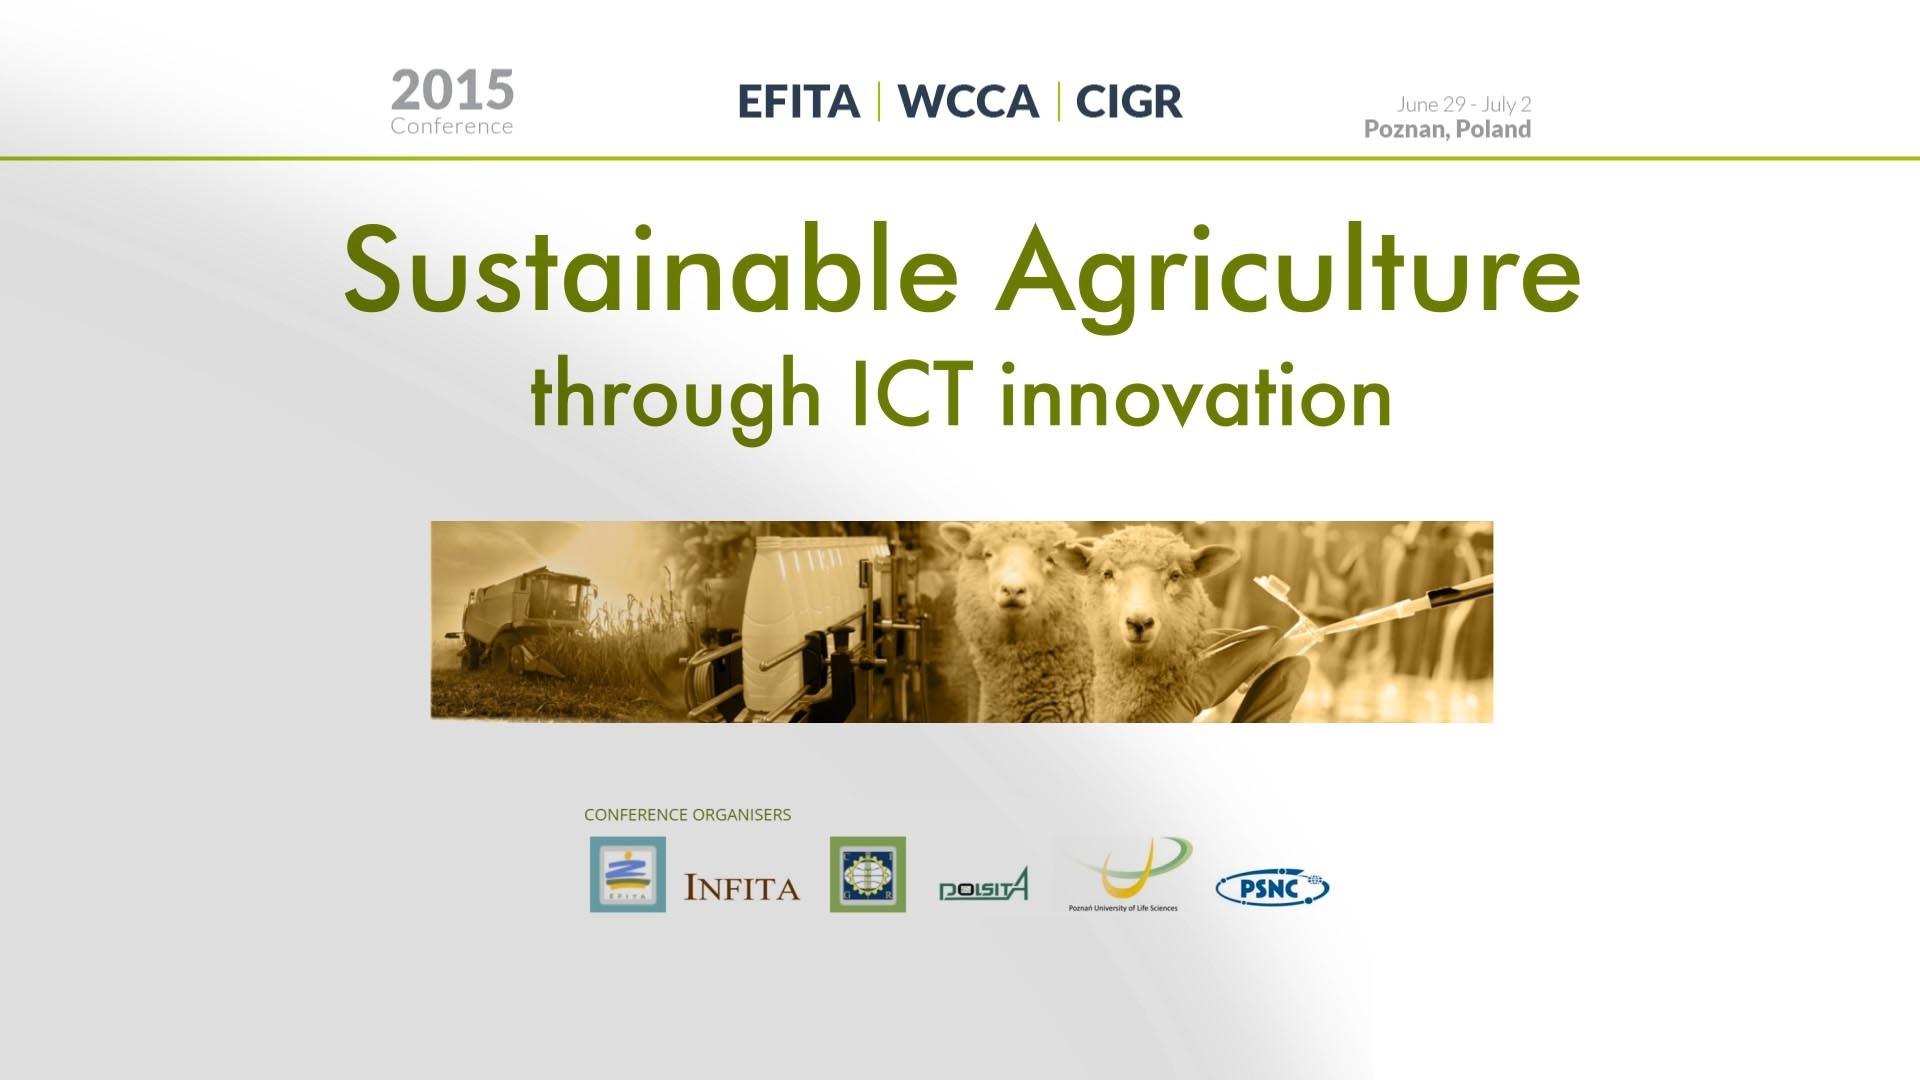 Wideo: Materiały z Konferencji EFITA 2015